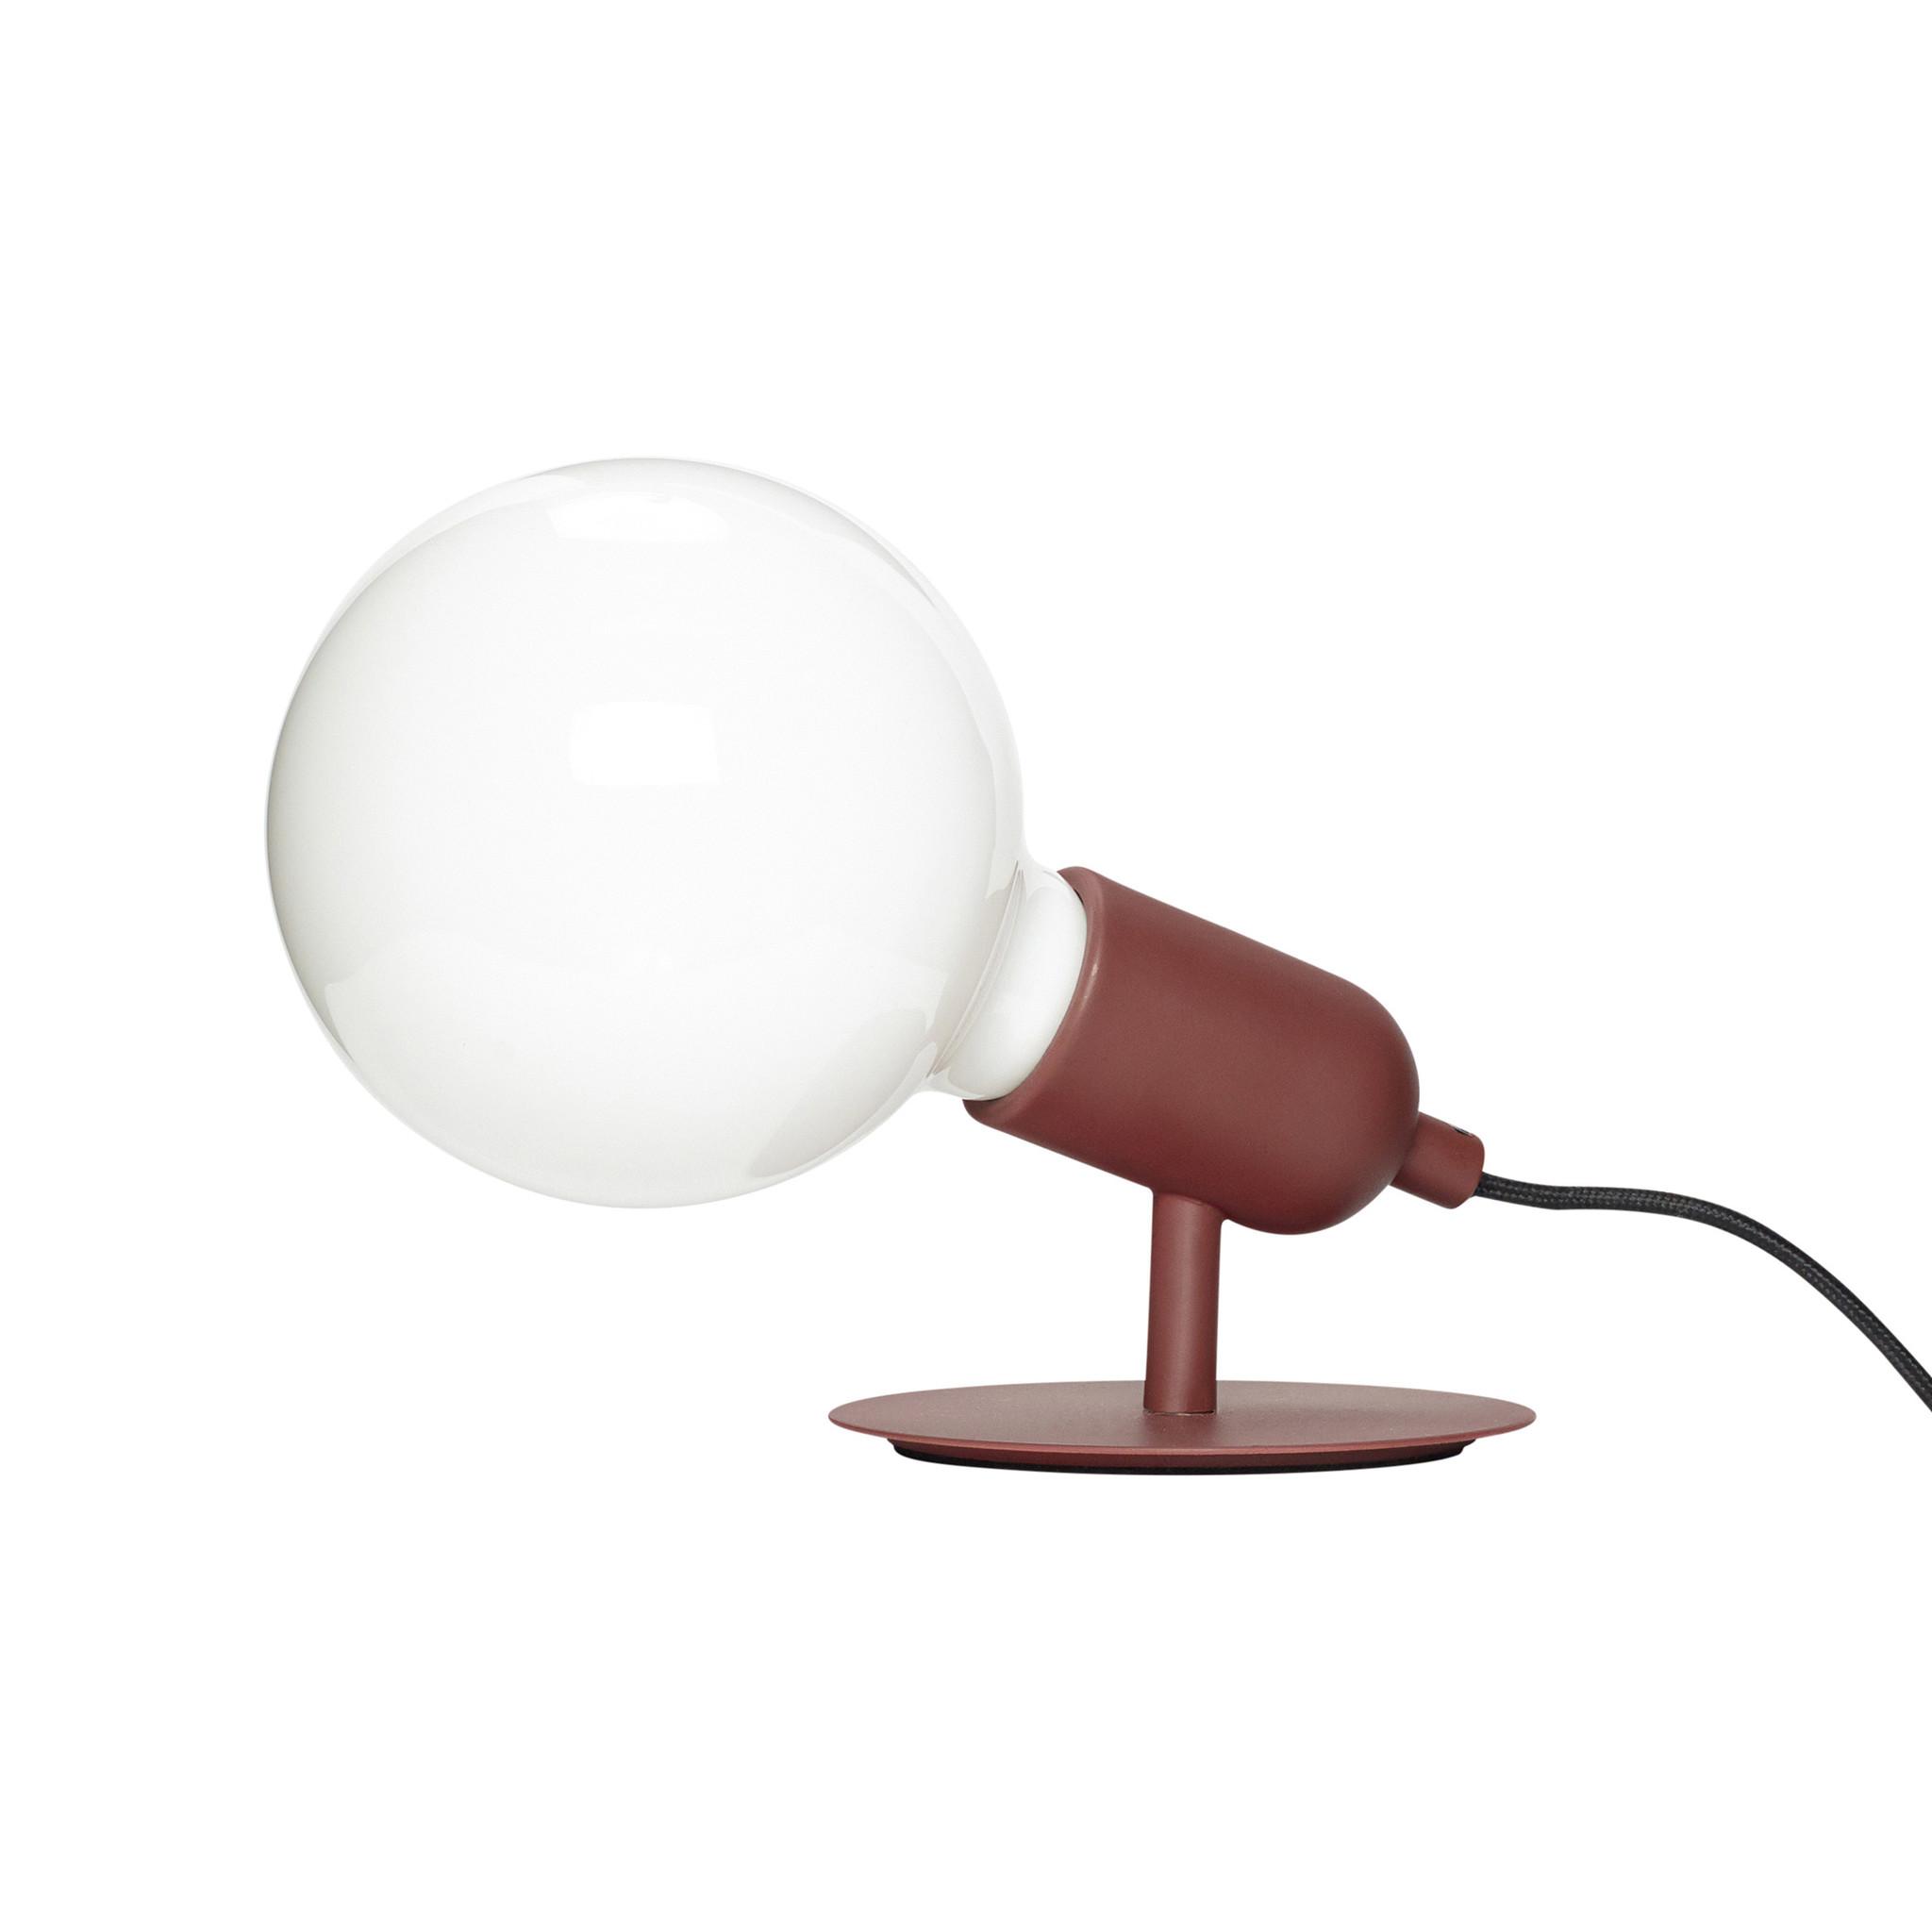 Hubsch Tafellamp met lamp, metaal, rood-990807-5712772068892